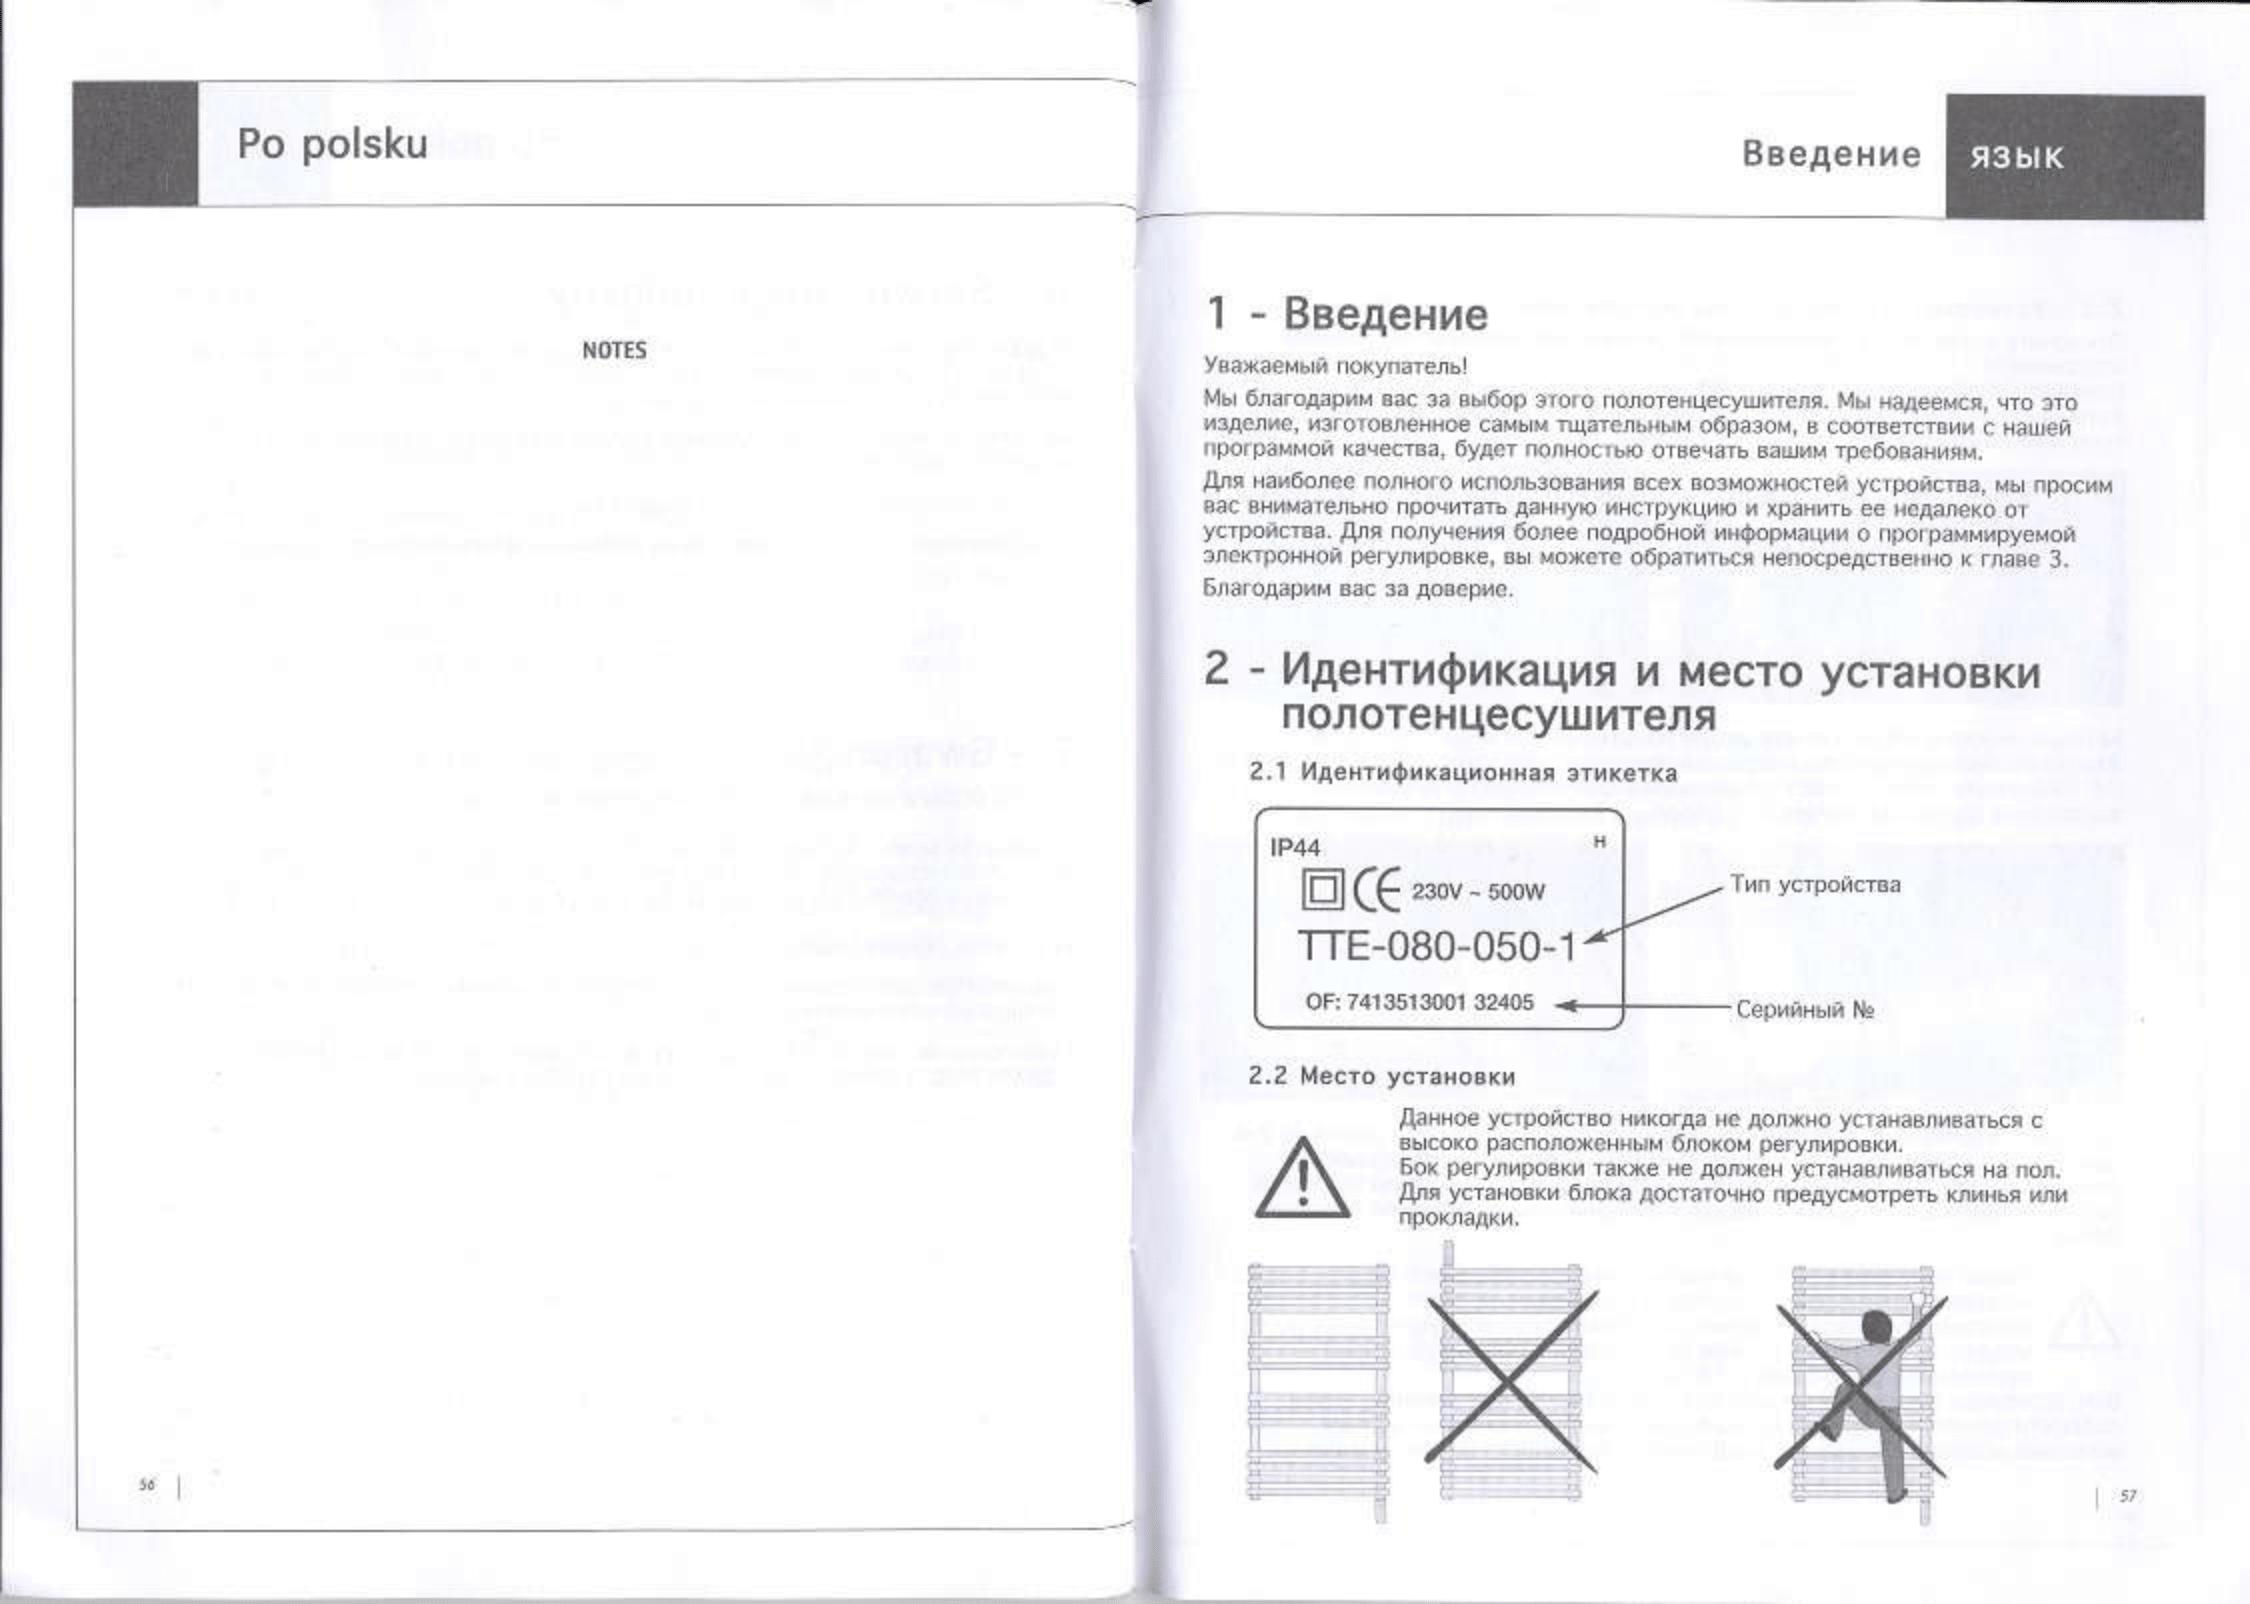 Фотография Инструкция по монтажу дизайнерского полотенцесушителя Zehnder Zeno 1